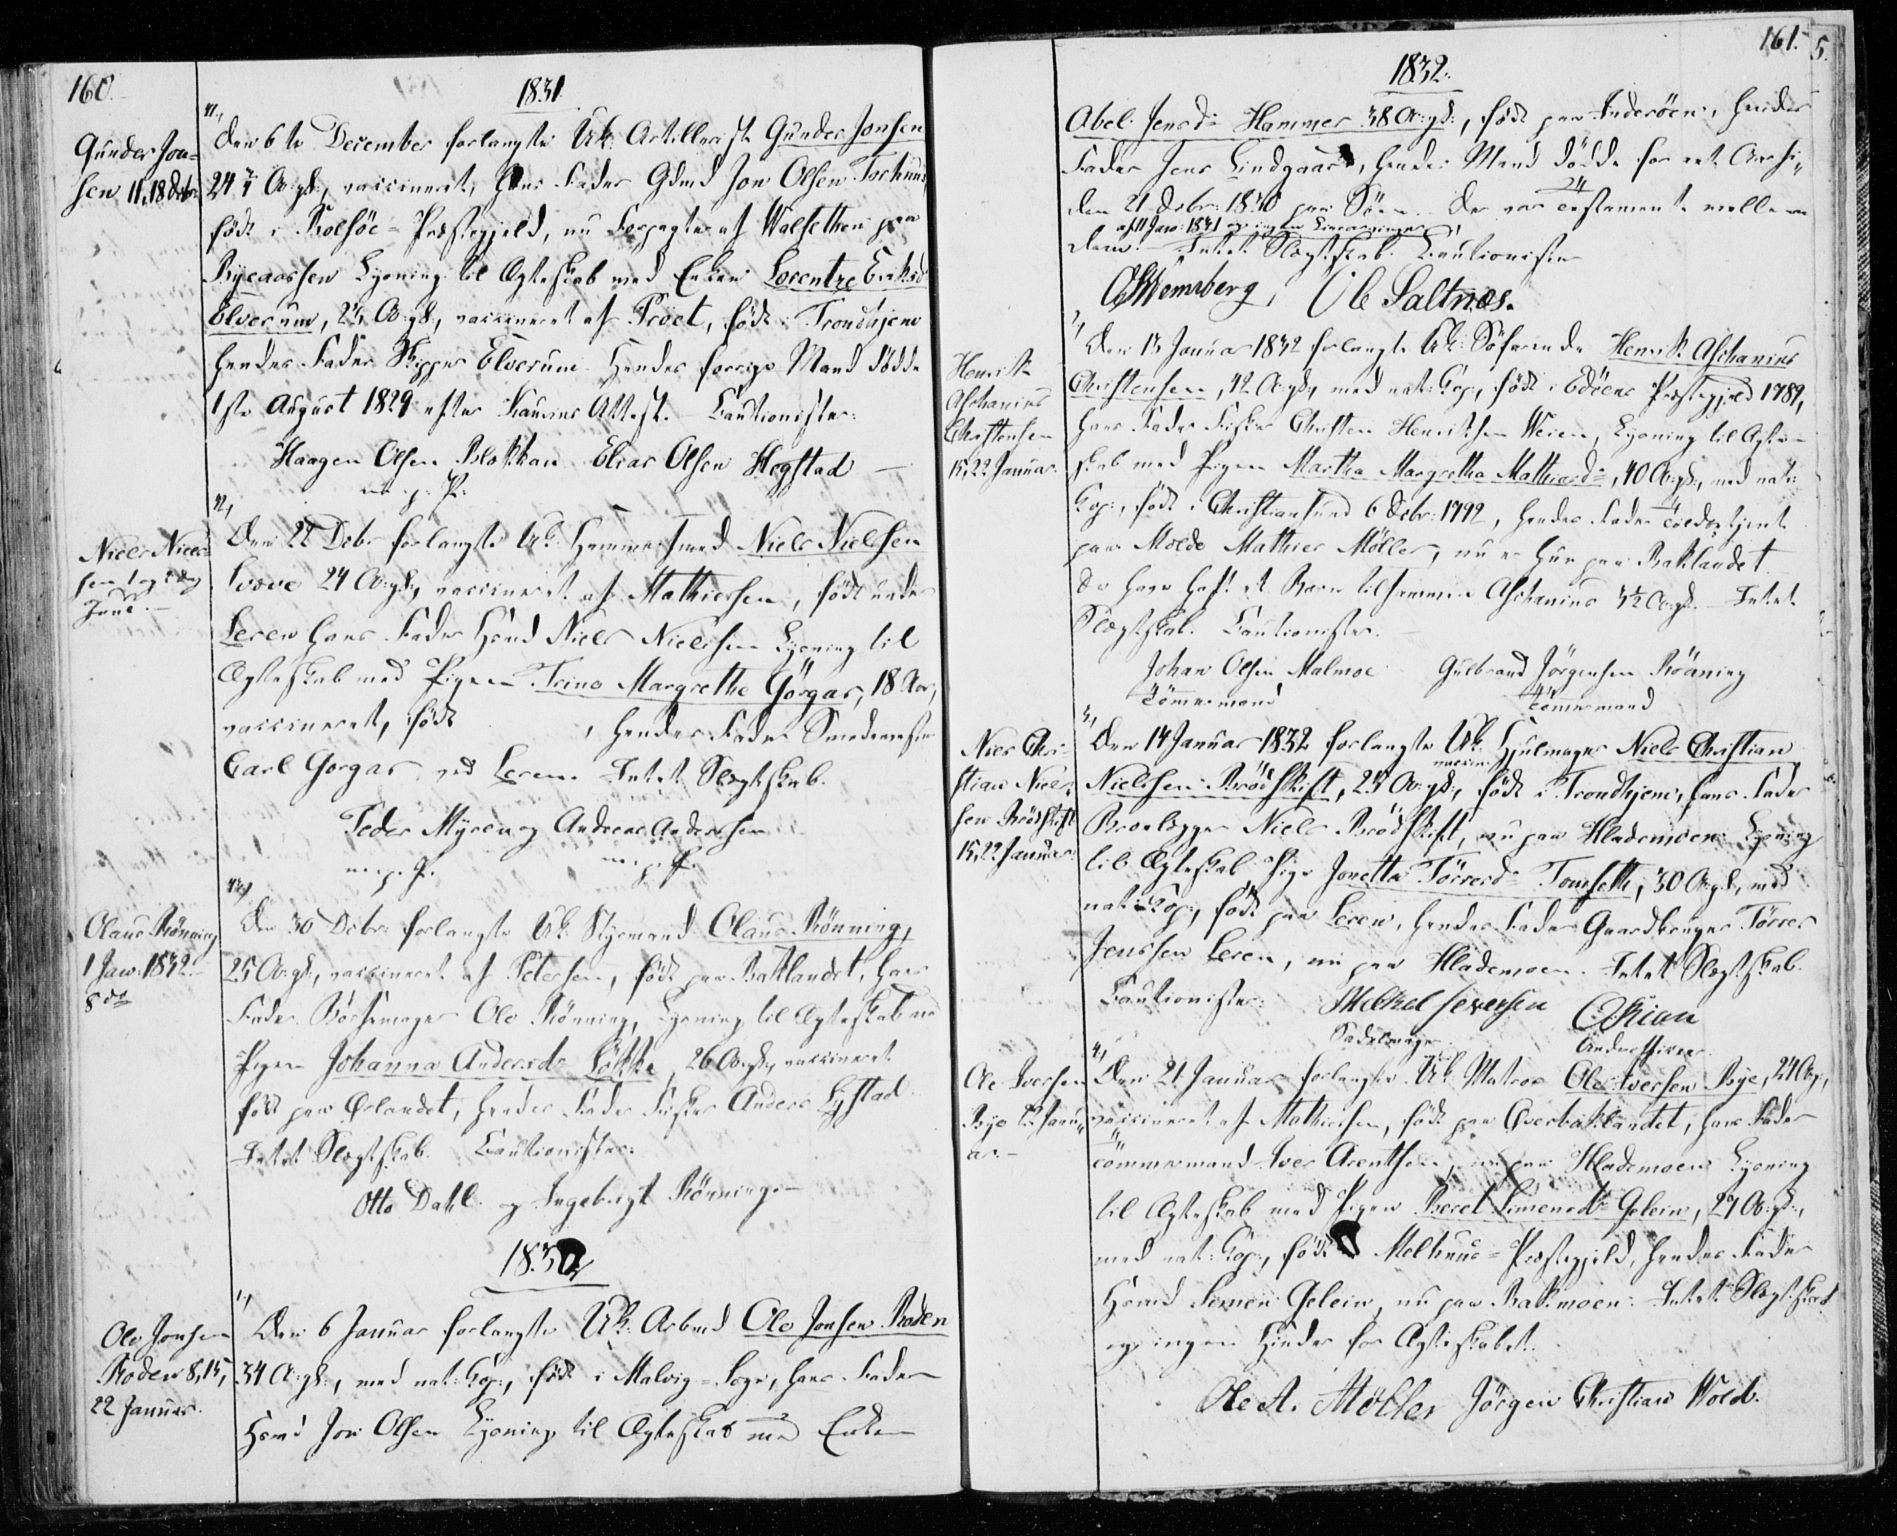 SAT, Ministerialprotokoller, klokkerbøker og fødselsregistre - Sør-Trøndelag, 606/L0295: Lysningsprotokoll nr. 606A10, 1815-1833, s. 160-161